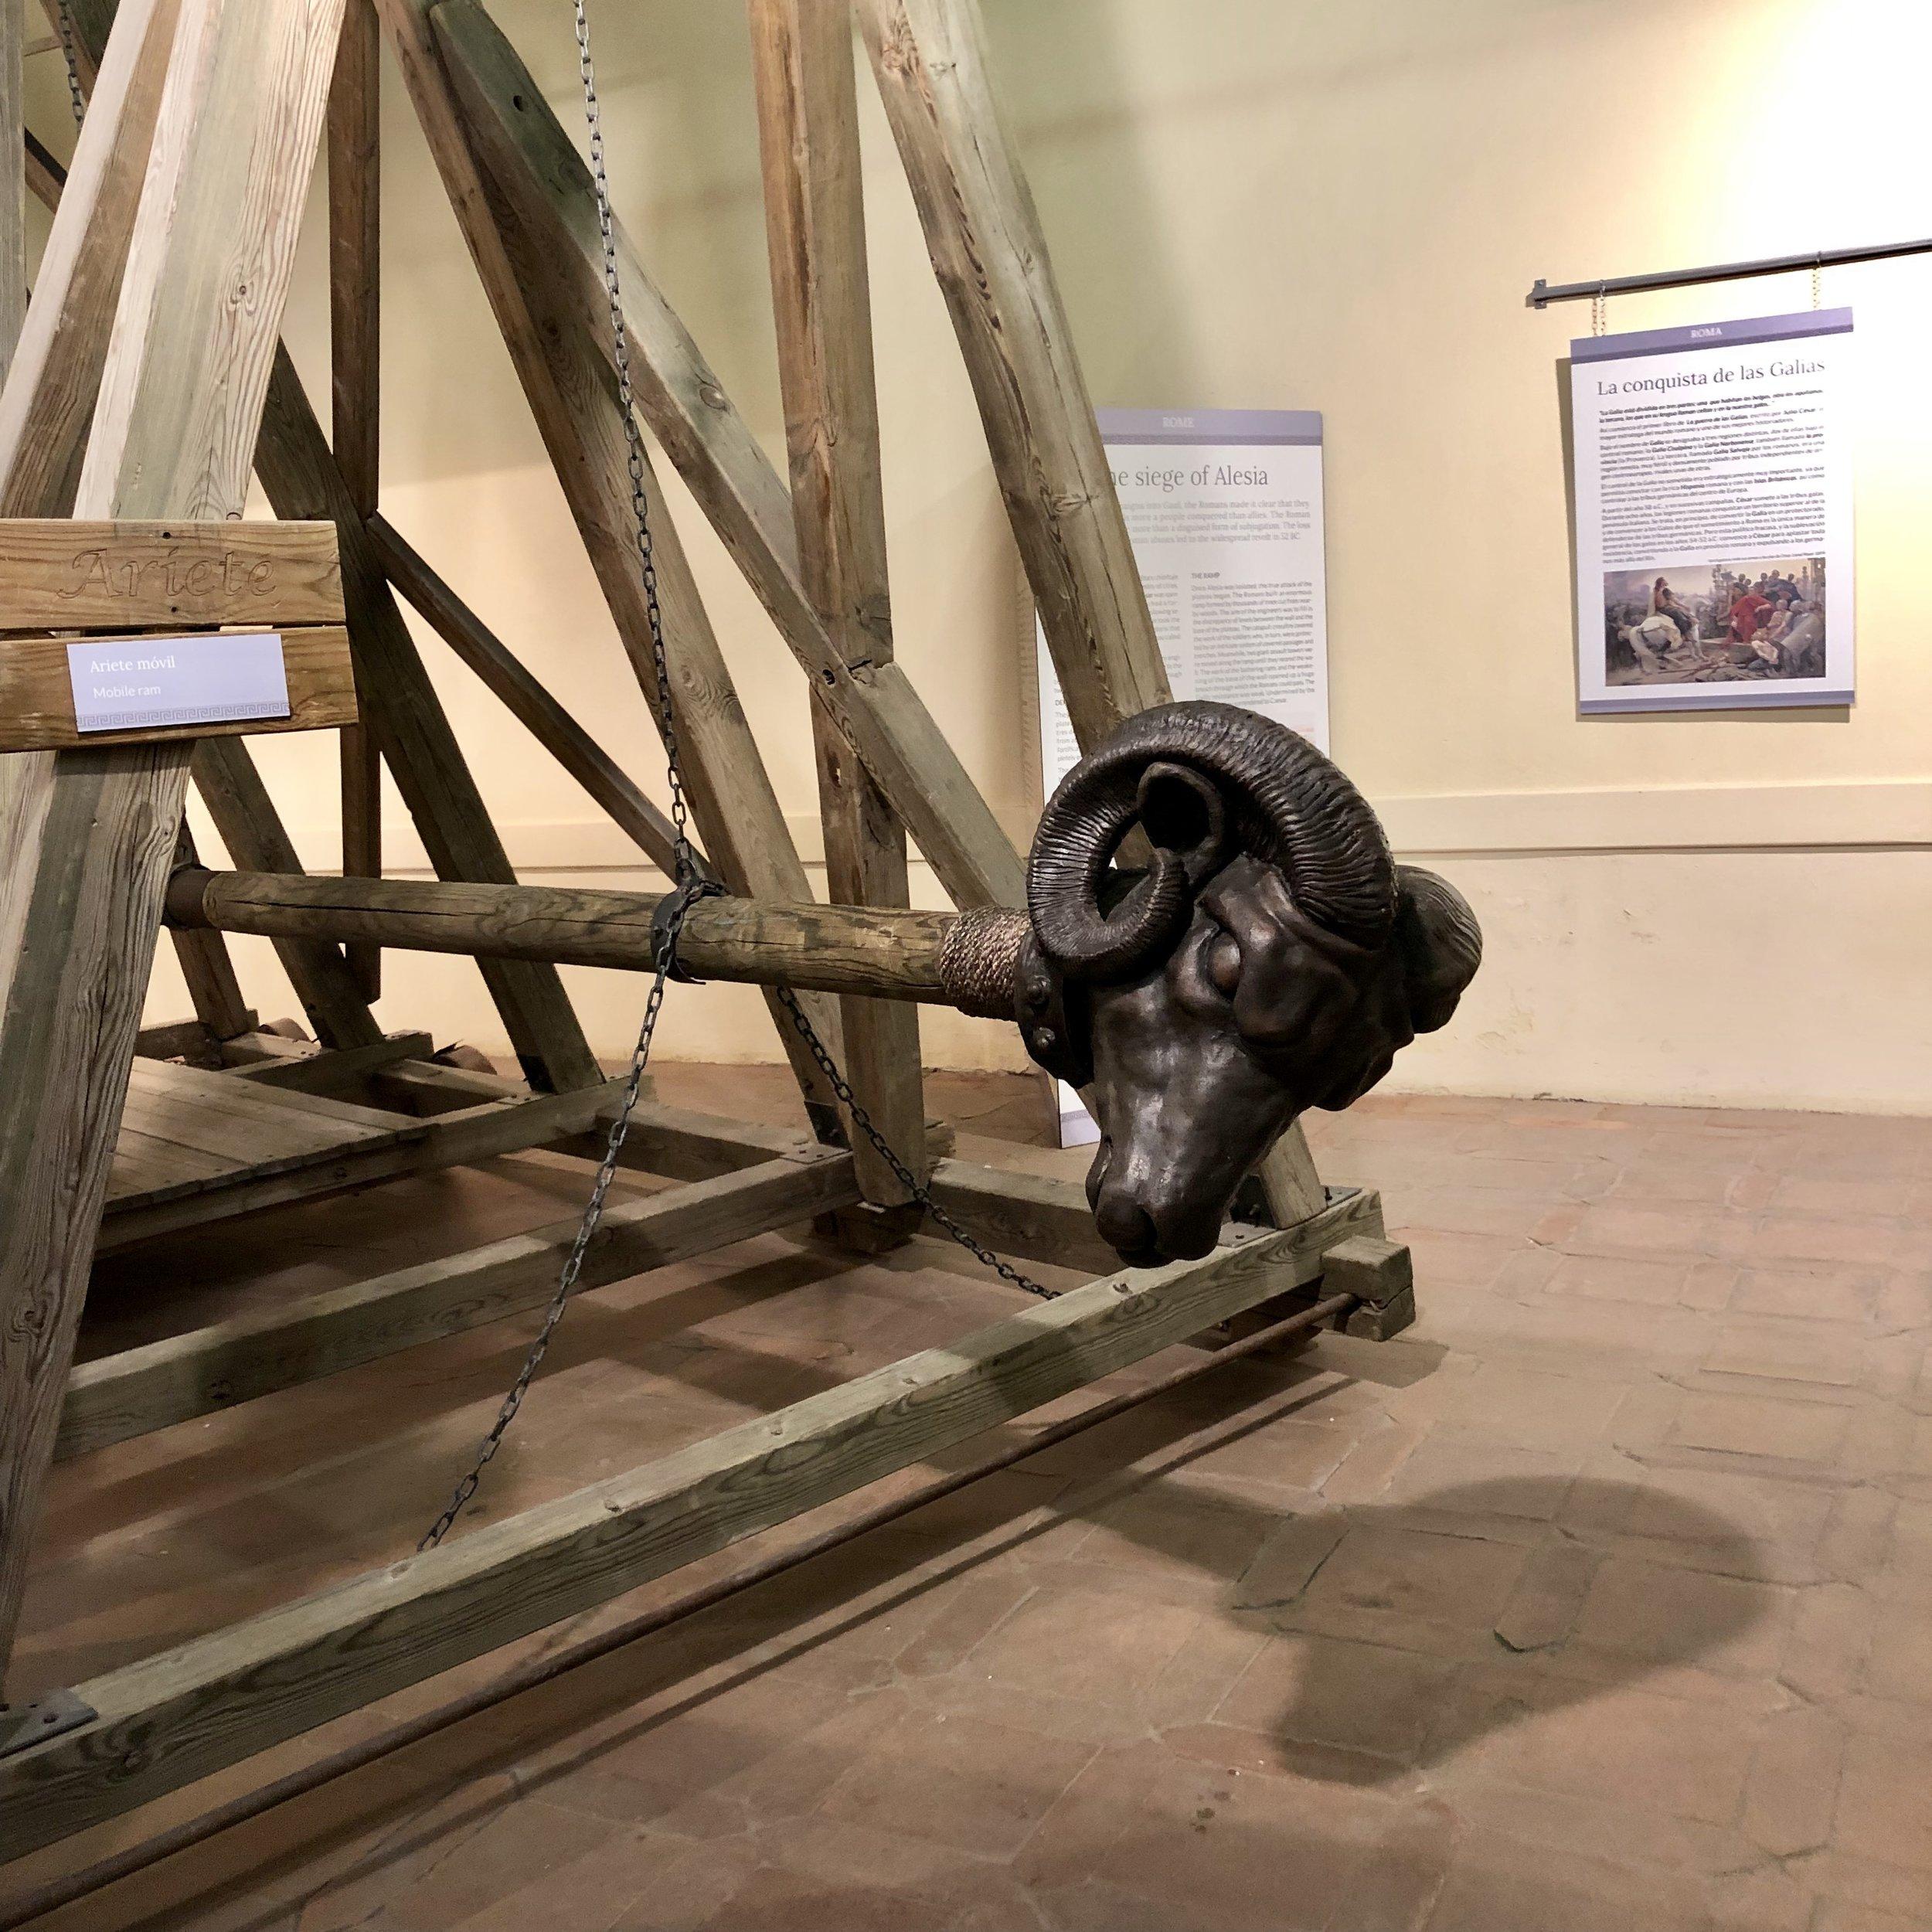 Exposición dogfriendly en Toledo sobre catapultas y armas de asedio.